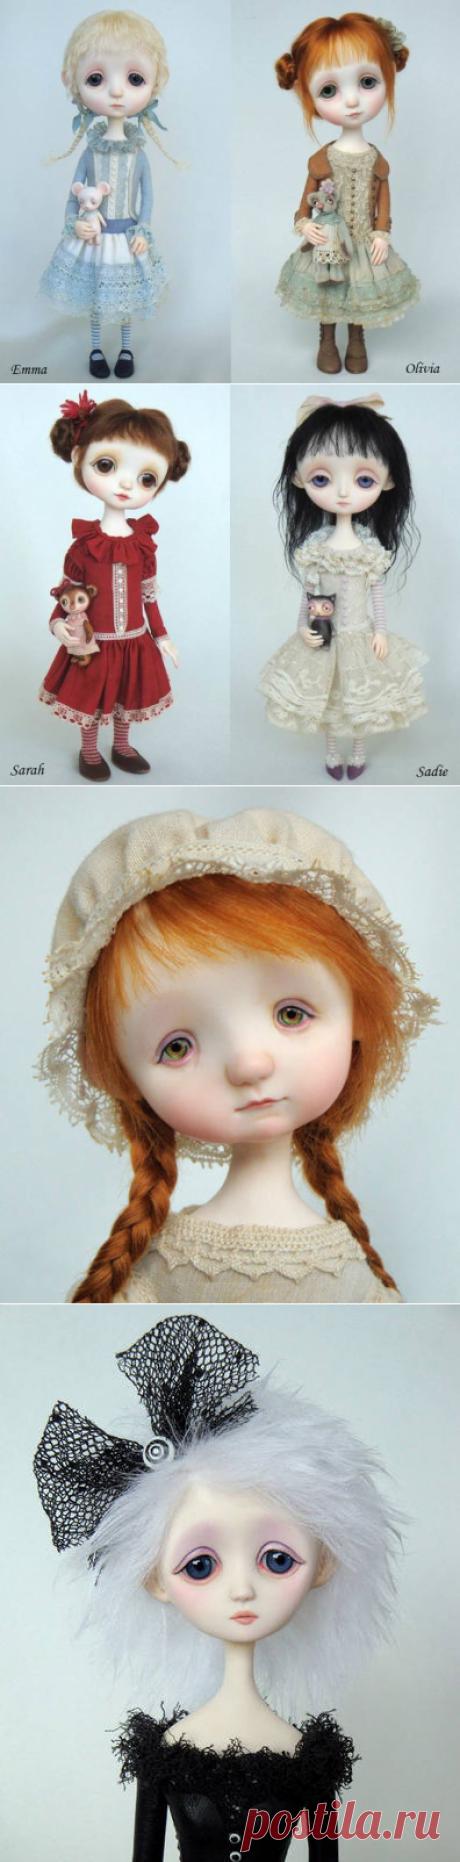 Куклы с грустными глазами Анны Сальвадор.